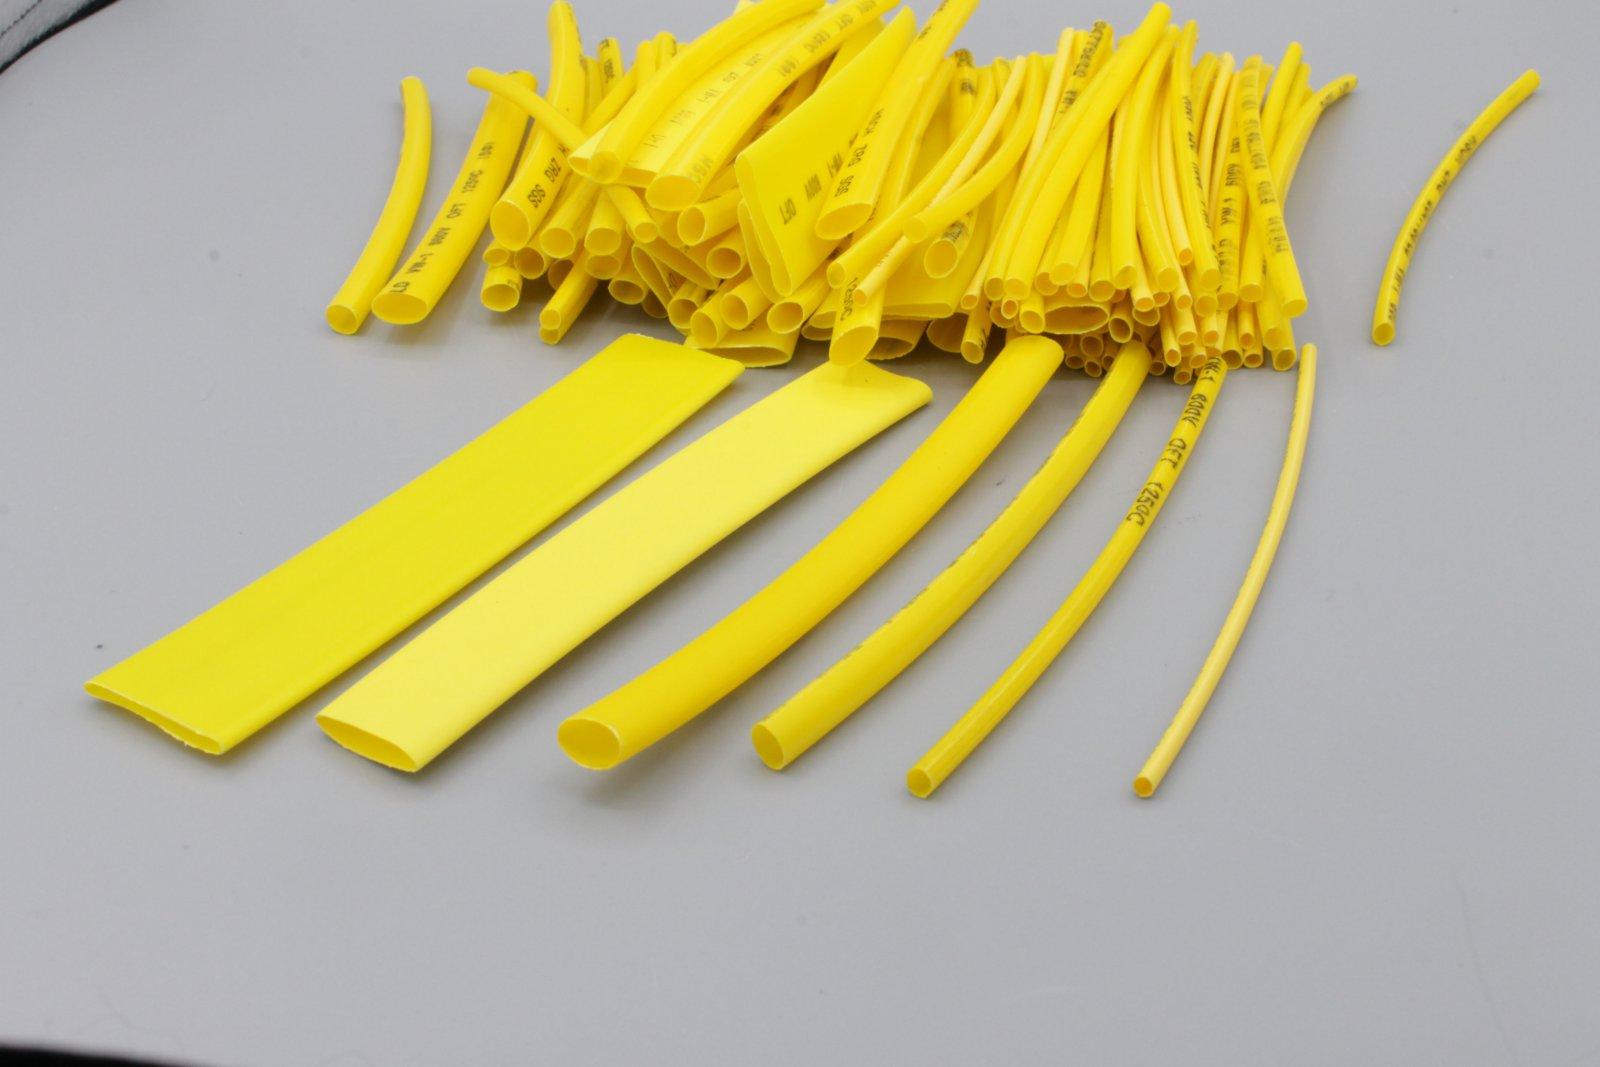 Schrumpfschlauch-Sortiment, 100-tlg Set lose -gelb Schrumpfschläuche Set-Tüte